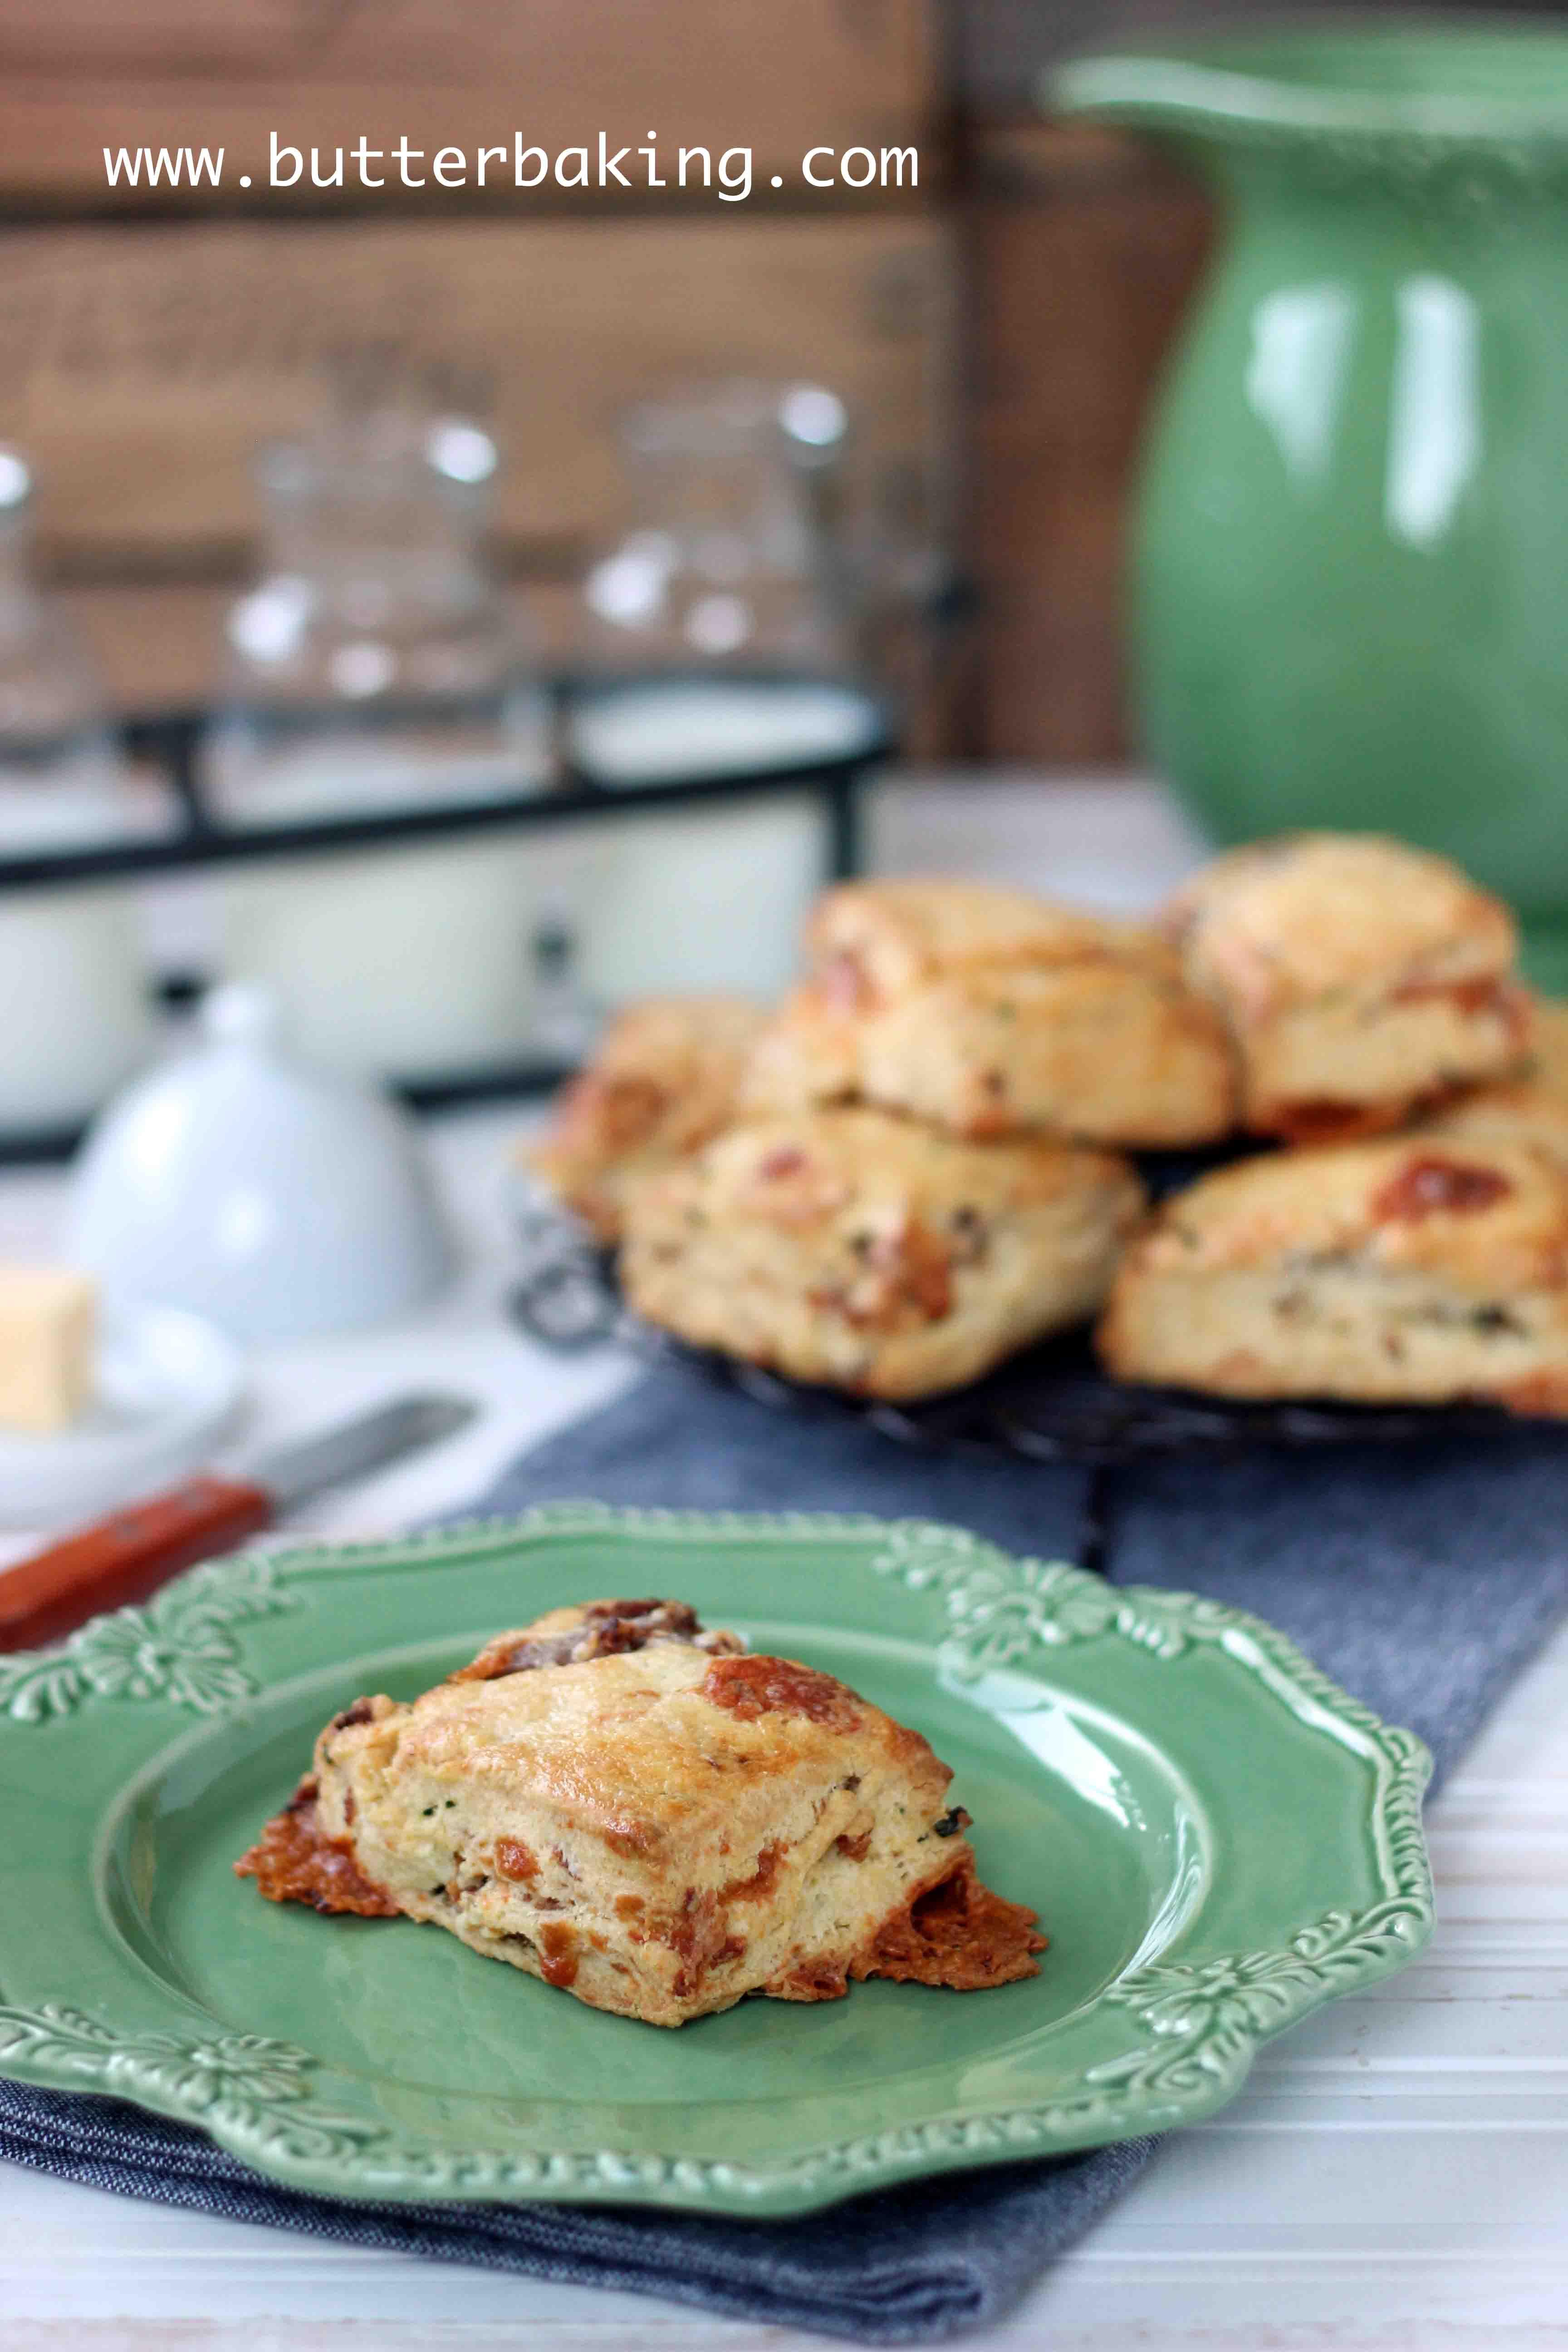 Cream Cheese And Chive Scramble With Prosciutto Recipes — Dishmaps